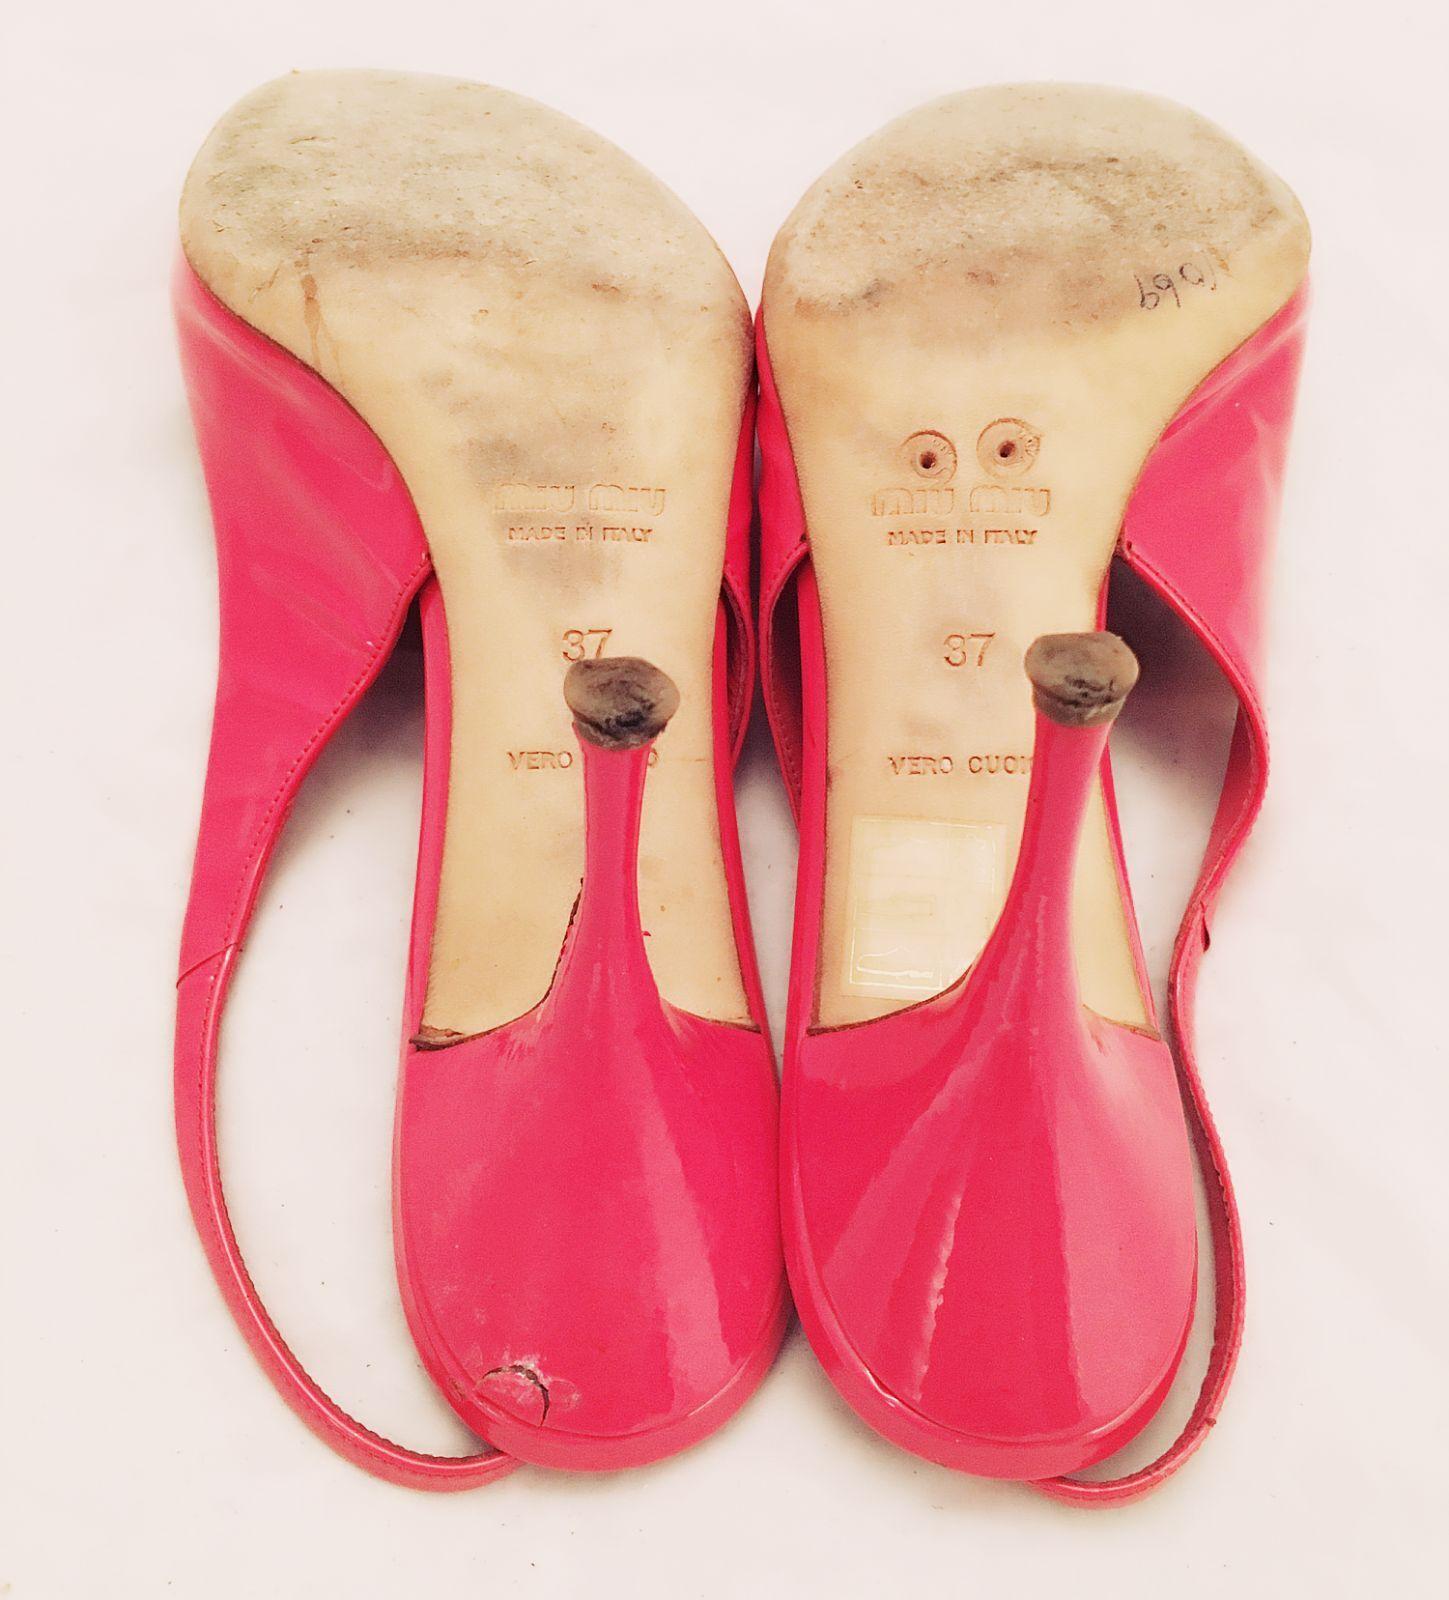 Damenschuhe Damenschuhe Damenschuhe - MIU MIU - Coral Pink Patent Leder High Heel Slingback Pumps 6.5 37 3434c1